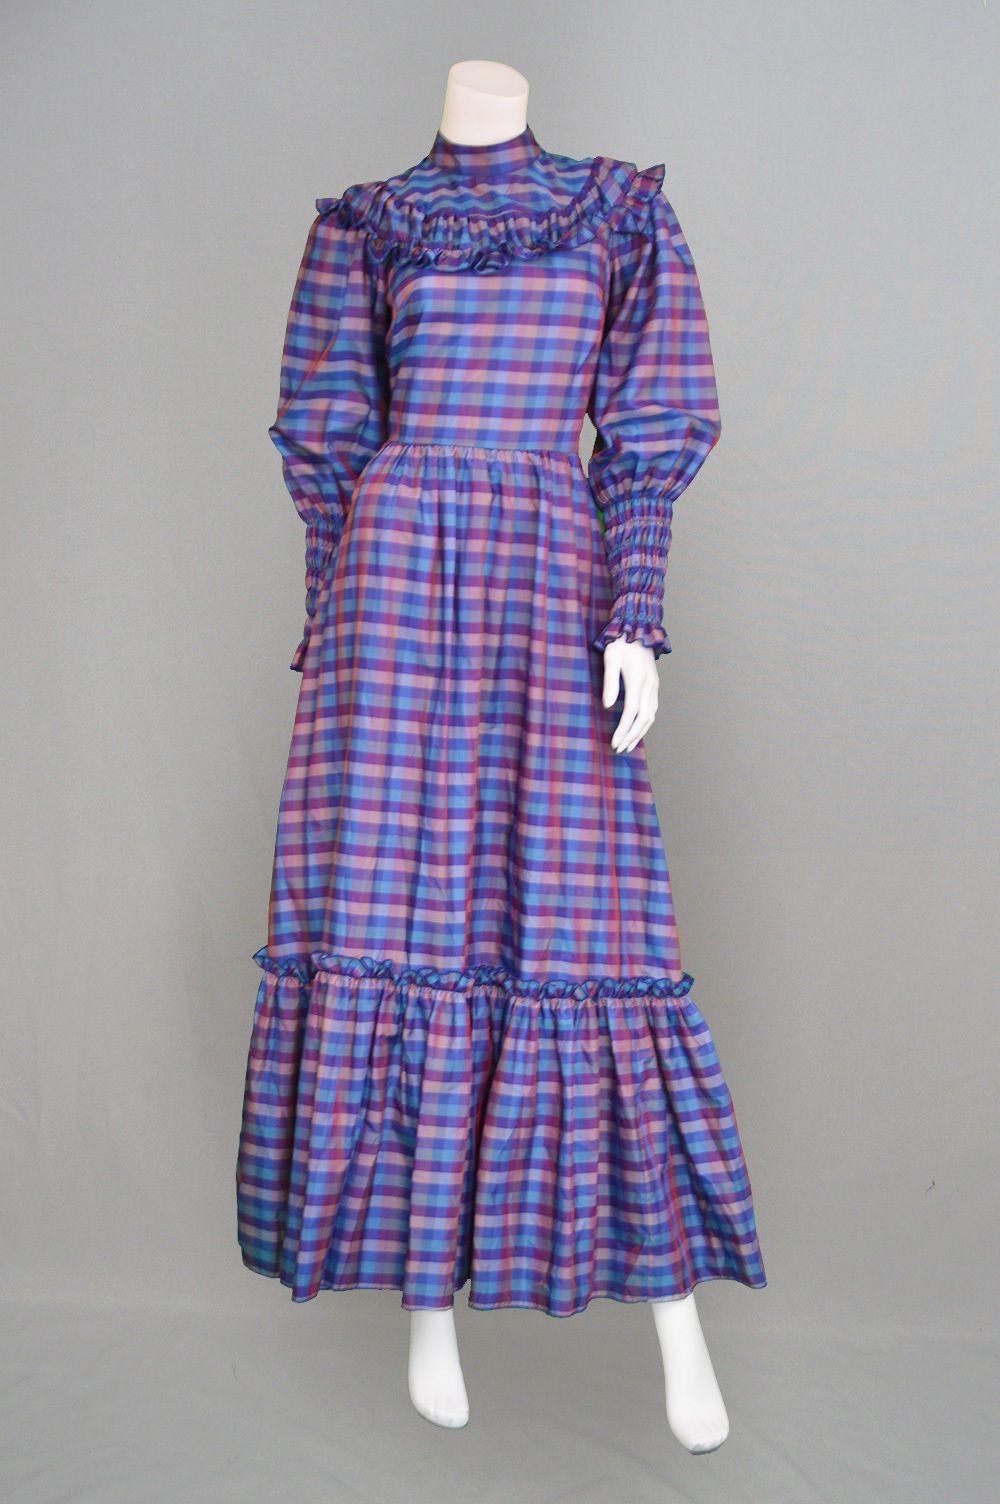 Vintage 70s Maxi Dress VERA MONT Prairie Blue Plaid Tartan Taffeta Boho Mutton in Kleidung & Accessoires, Vintage-Mode, Vintage-Mode für Damen | eBay